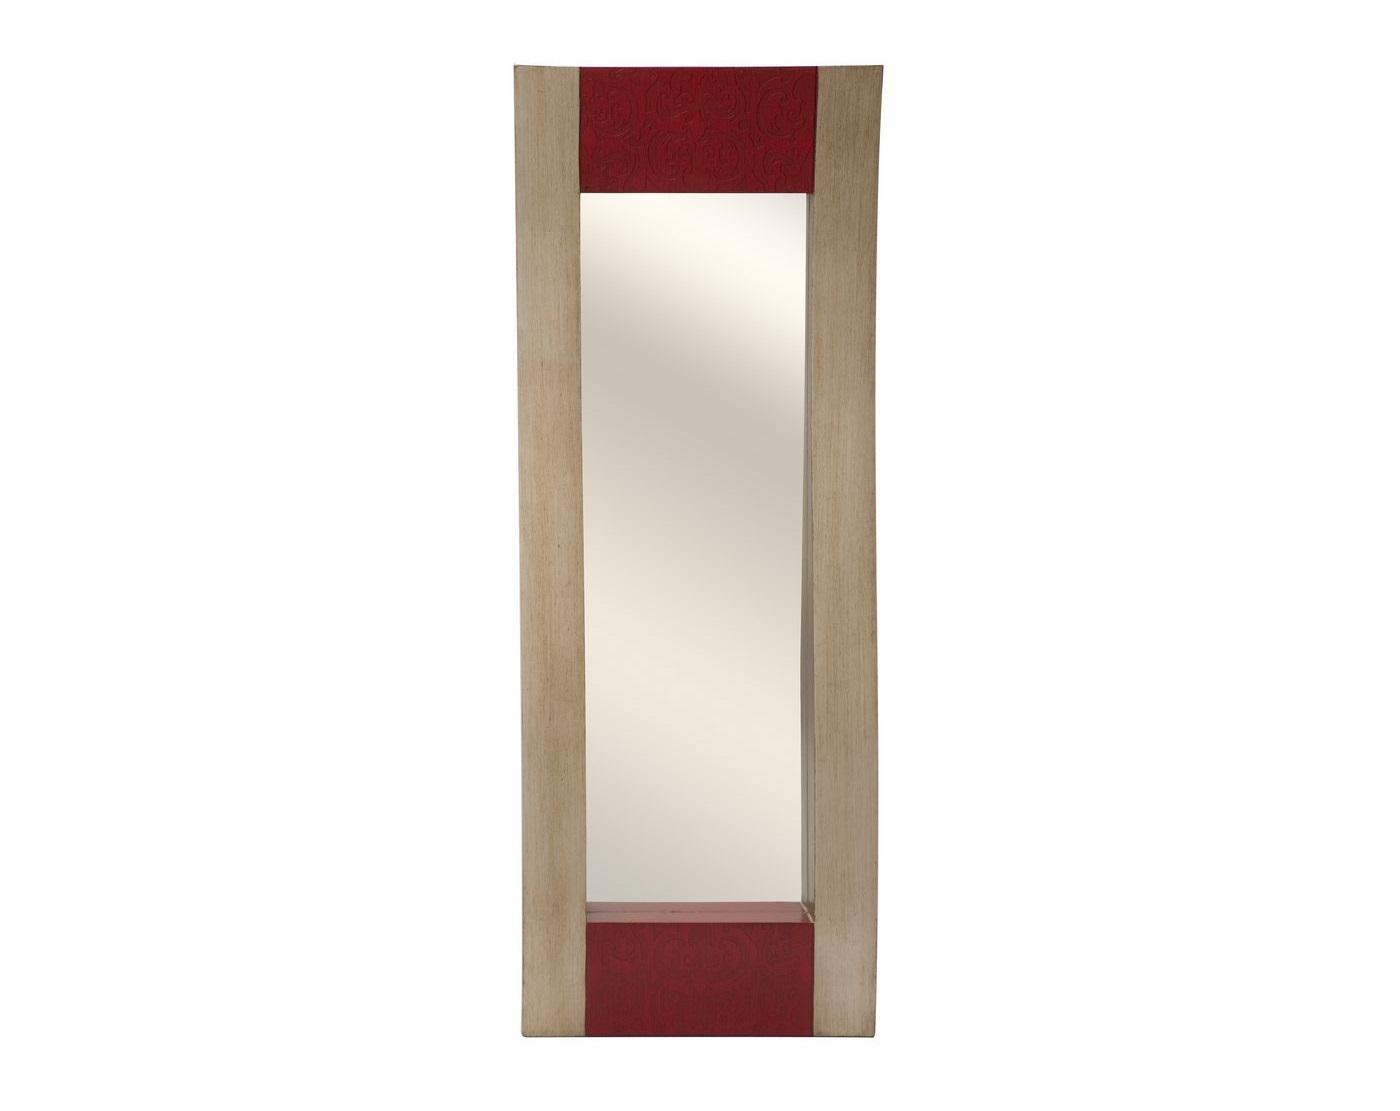 Зеркало ShineНастенные зеркала<br>Зеркало &amp;quot;Shine&amp;quot; визуально сделает комнату просторнее и светлее.<br><br>Material: МДФ<br>Length см: 44<br>Width см: 7<br>Height см: 120